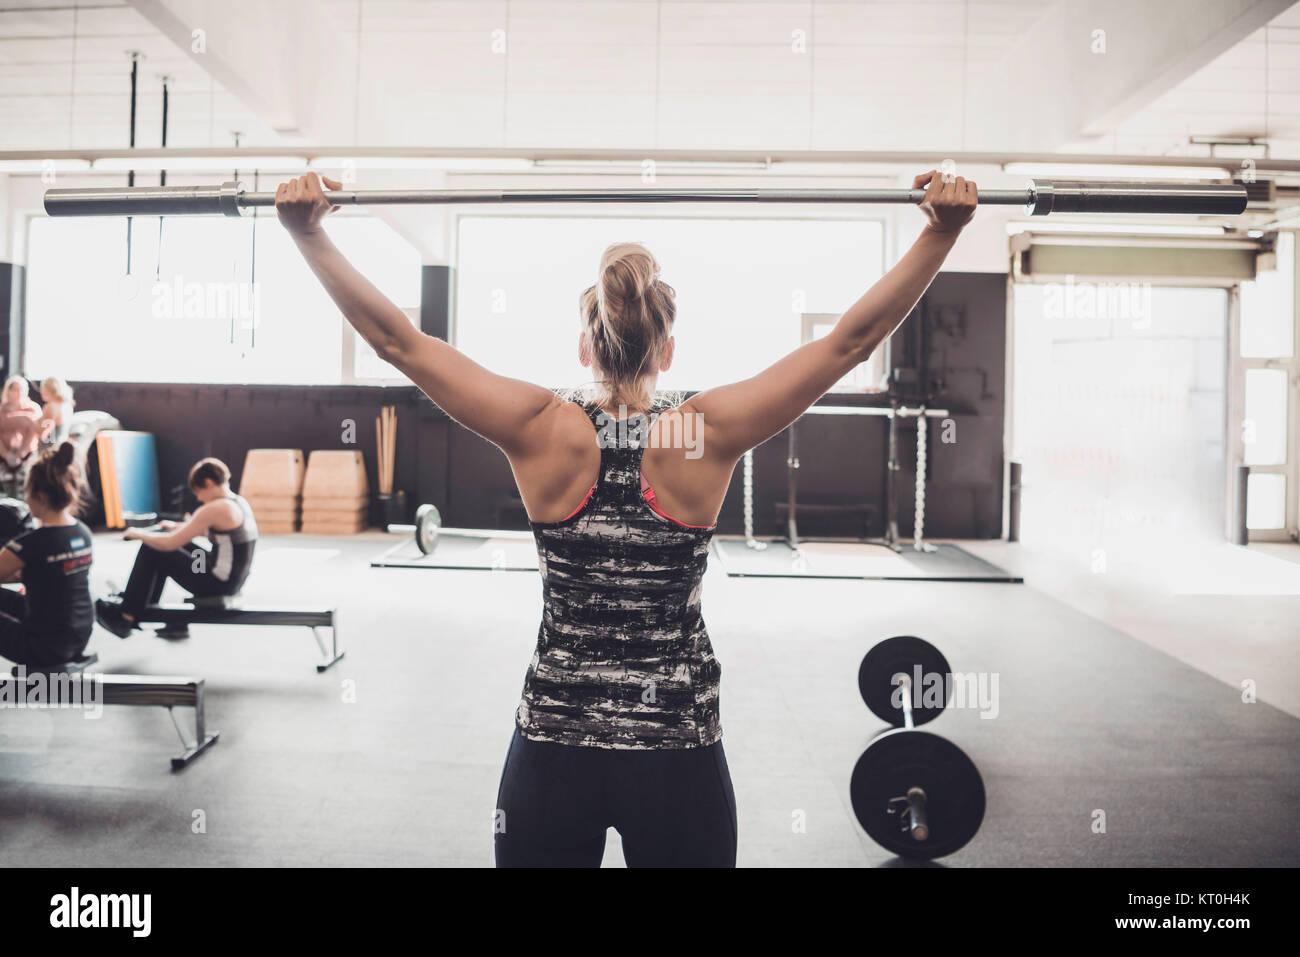 Les femmes et la formation de remise en forme. L'haltérophilie, l'élaboration et la formation Photo Stock